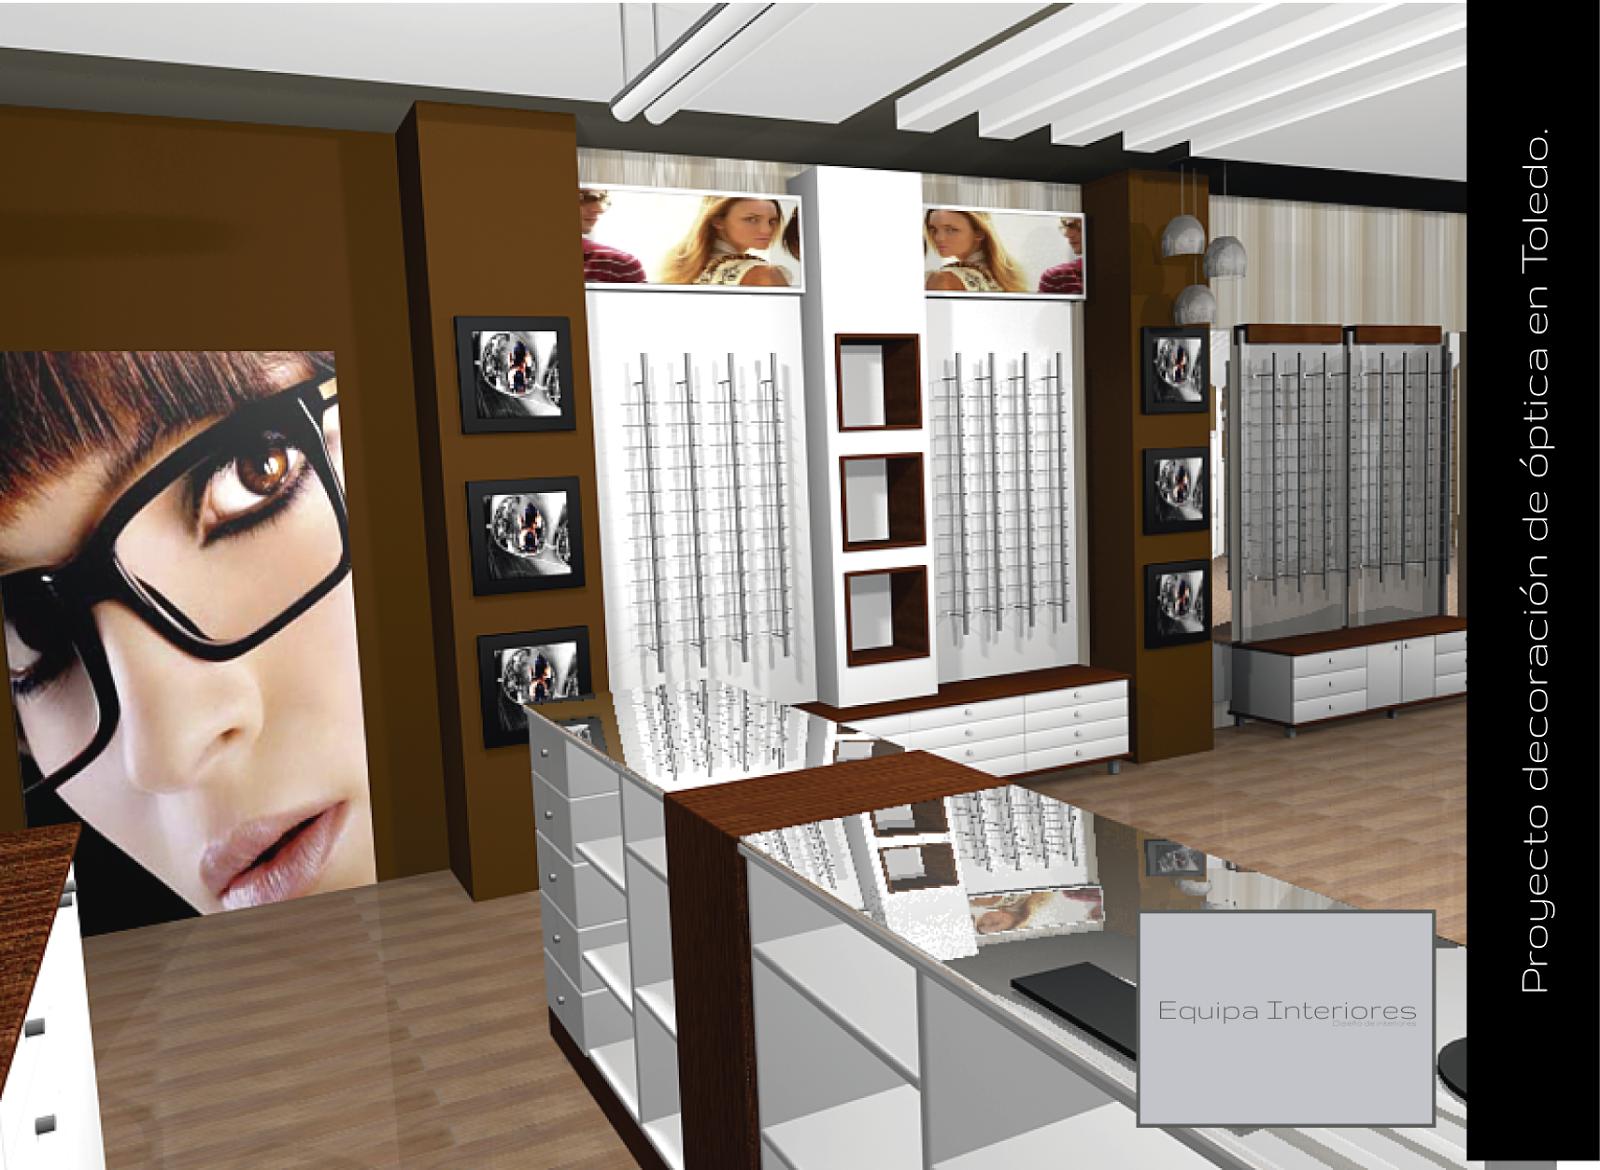 Equipa Interiores Comerciales: febrero 2013